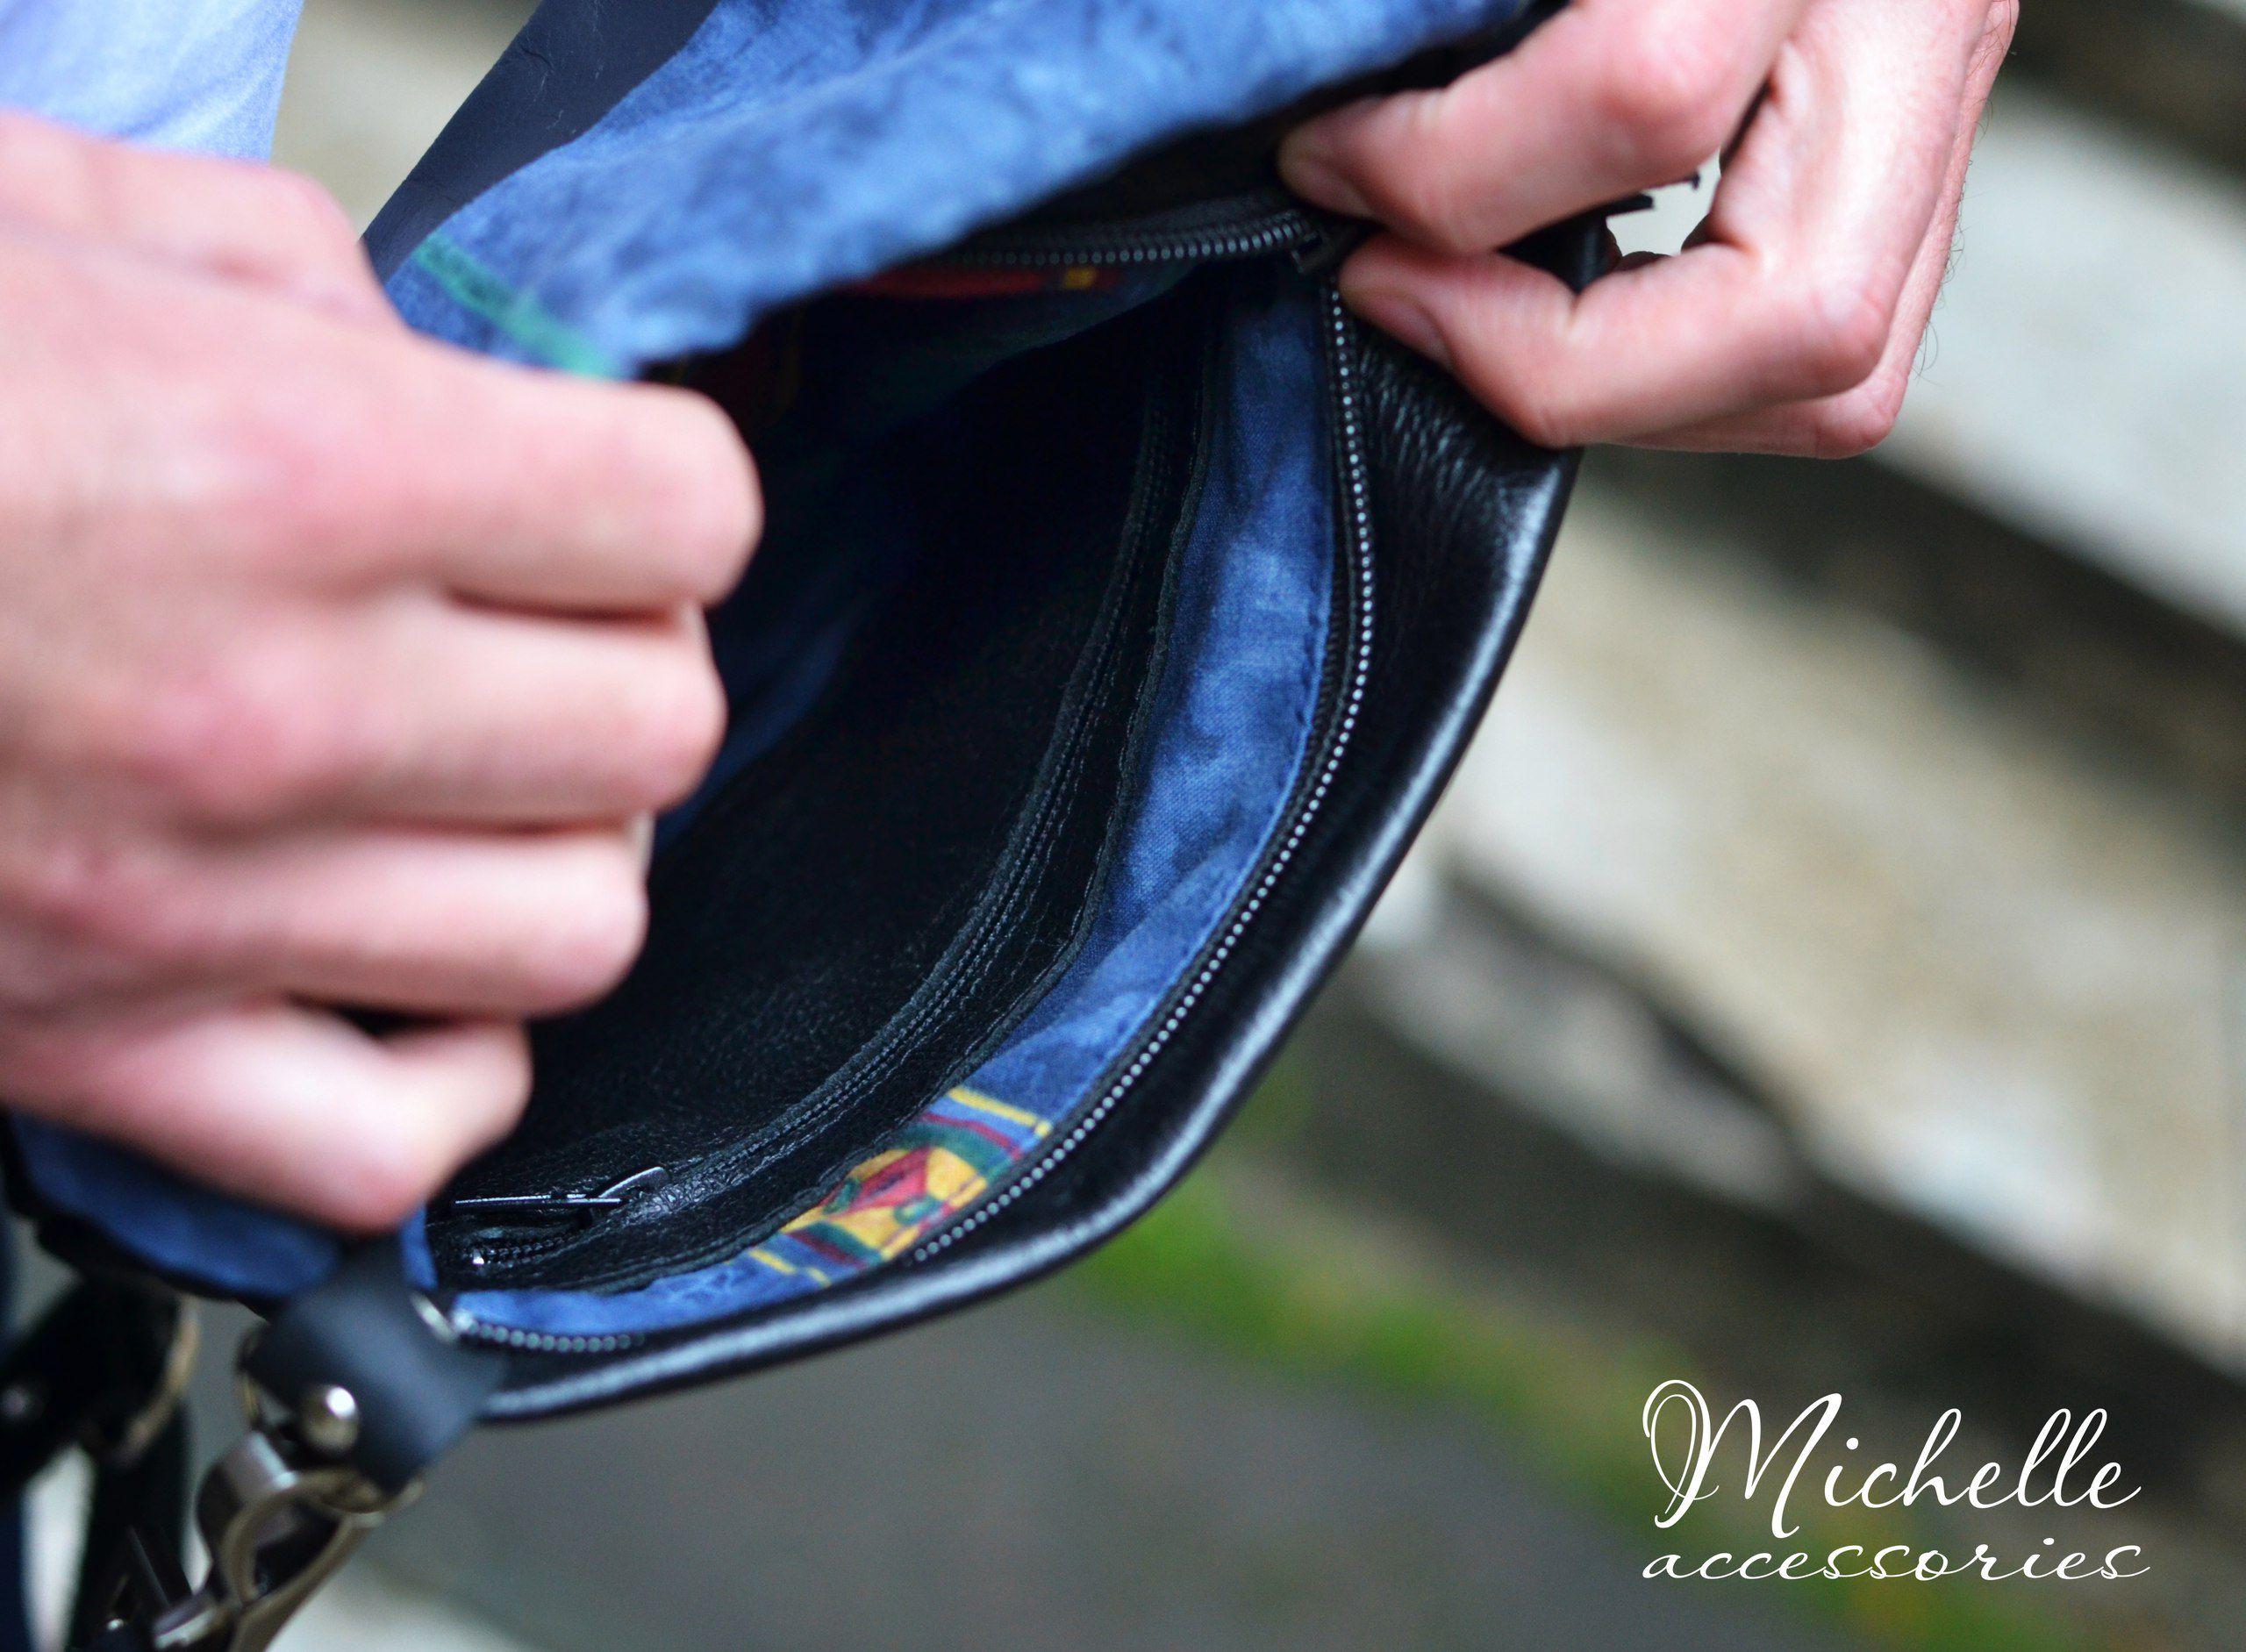 кожаная купитьподарок купитьсумку сумкакожаная мужская сумка ручная авторская купить кожа подарок